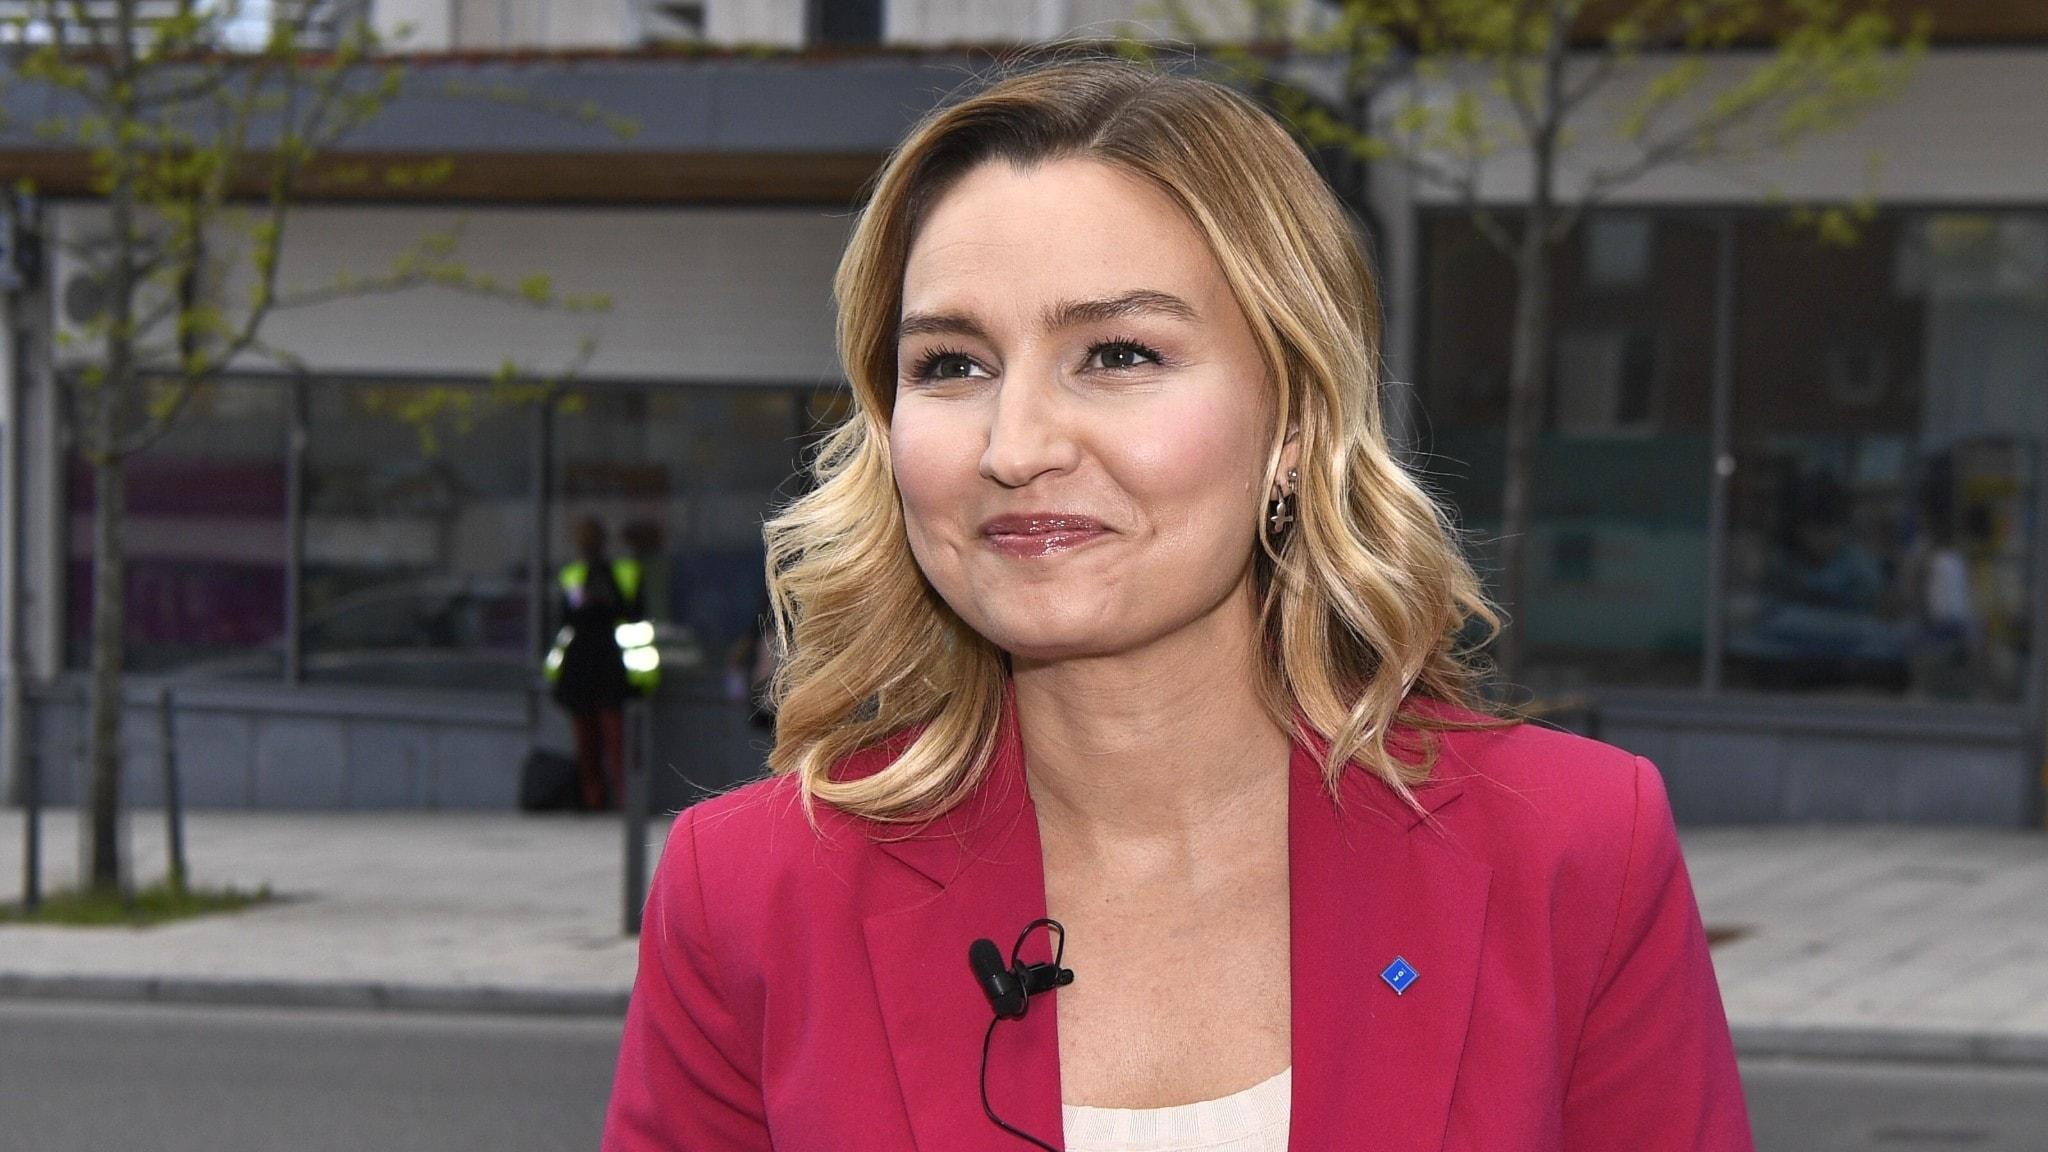 Kristdemokraternas partiledare Ebba Busch (KD) inför partiledartimmen under Järvaveckan på fredagen.